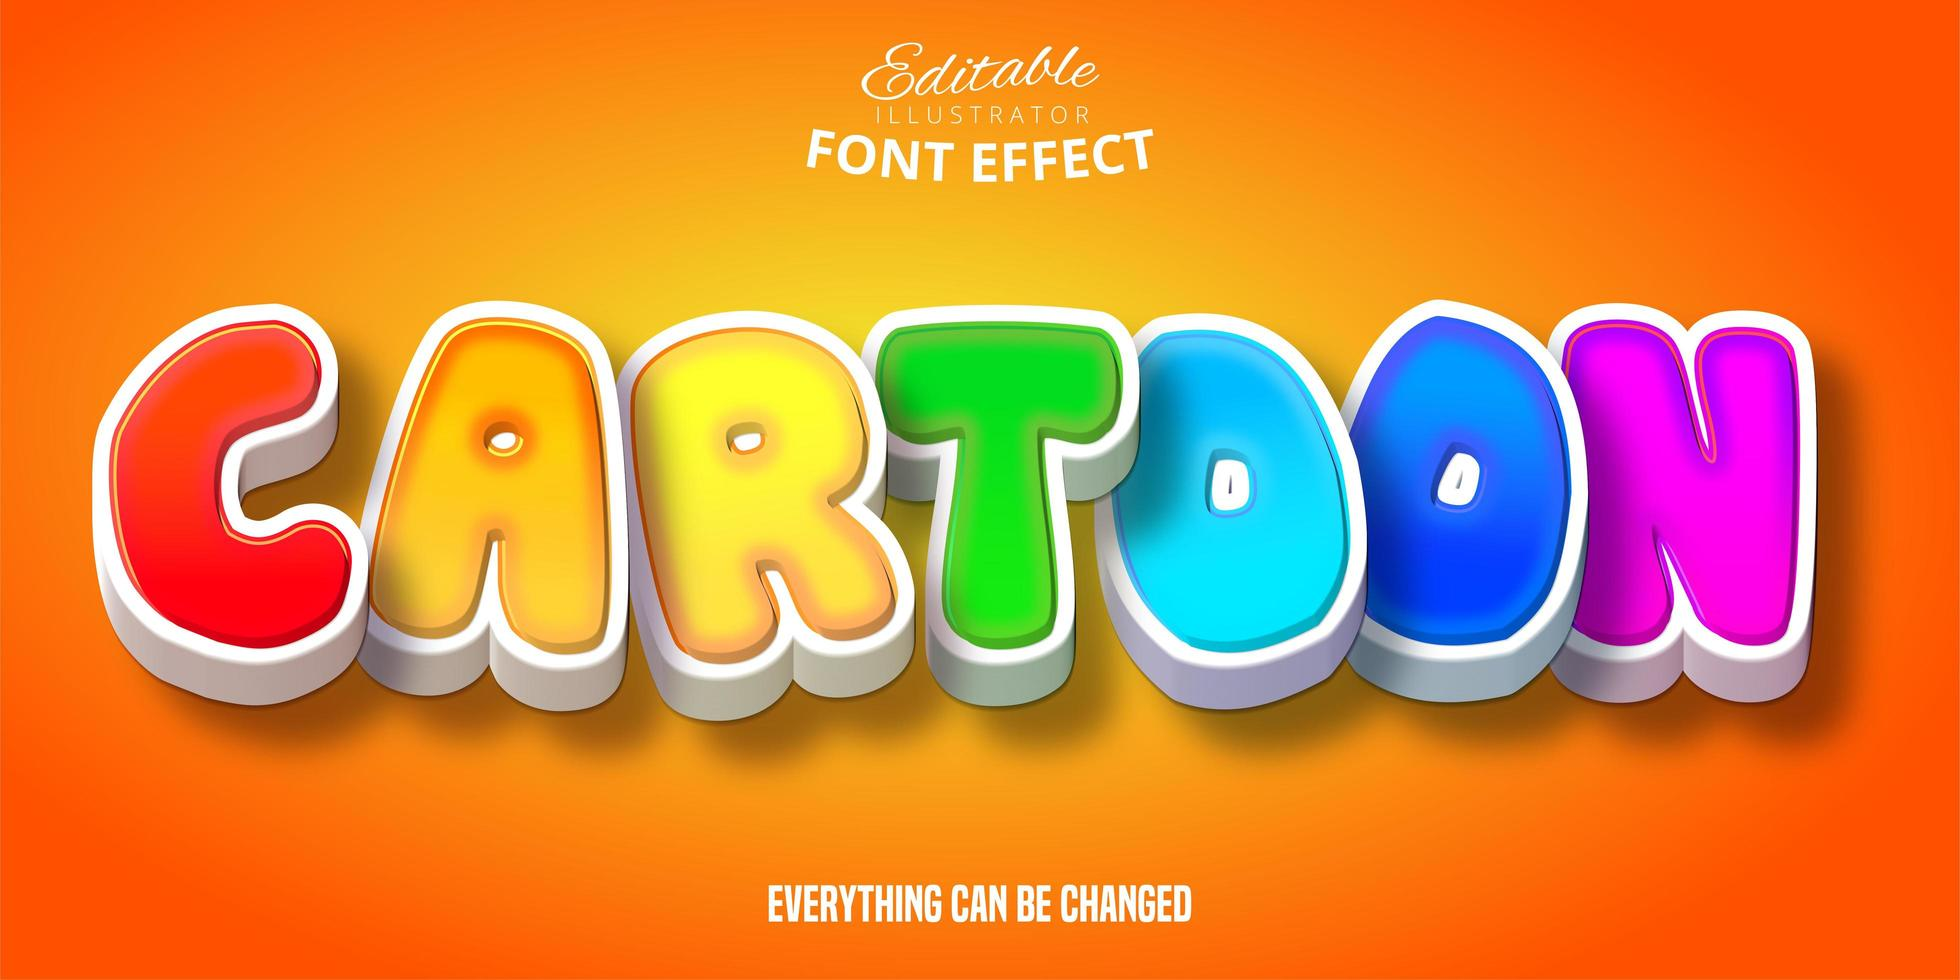 regenboog cartoon teksteffect vector